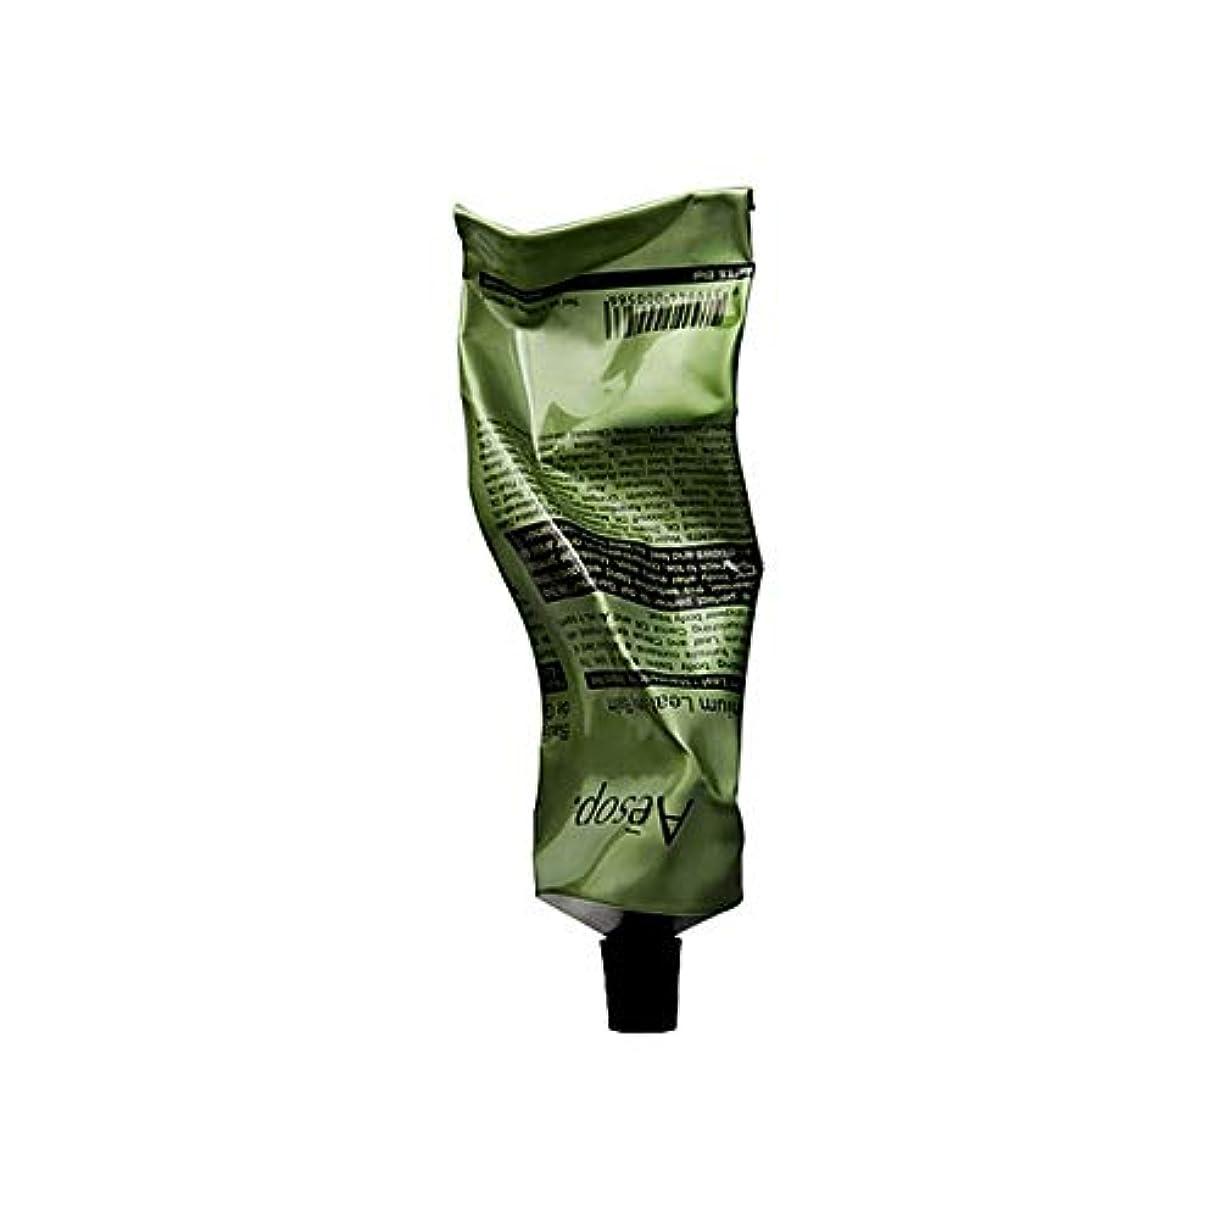 ボリューム適応する見分ける[Aesop] イソップゼラニウムの葉のボディクリーム500ミリリットル - Aesop Geranium Leaf Body Balm 500ml [並行輸入品]